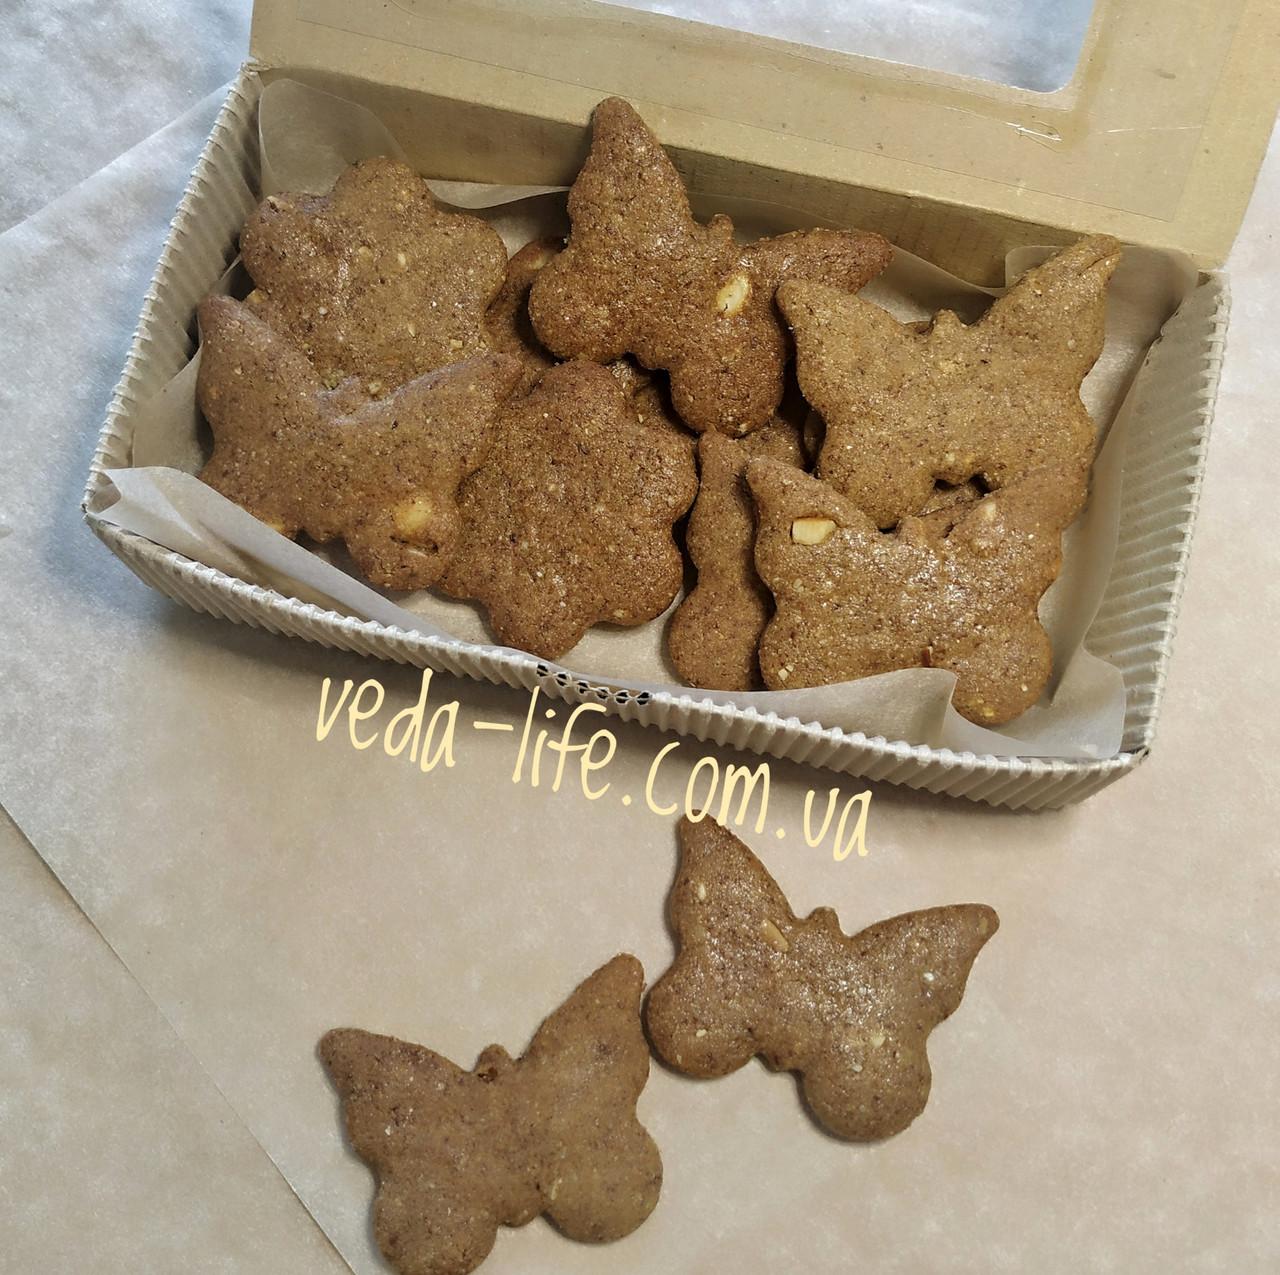 Марципанове печиво з насіння й горіхів. Марципановое печенье, 100 грамм. Суперфуд